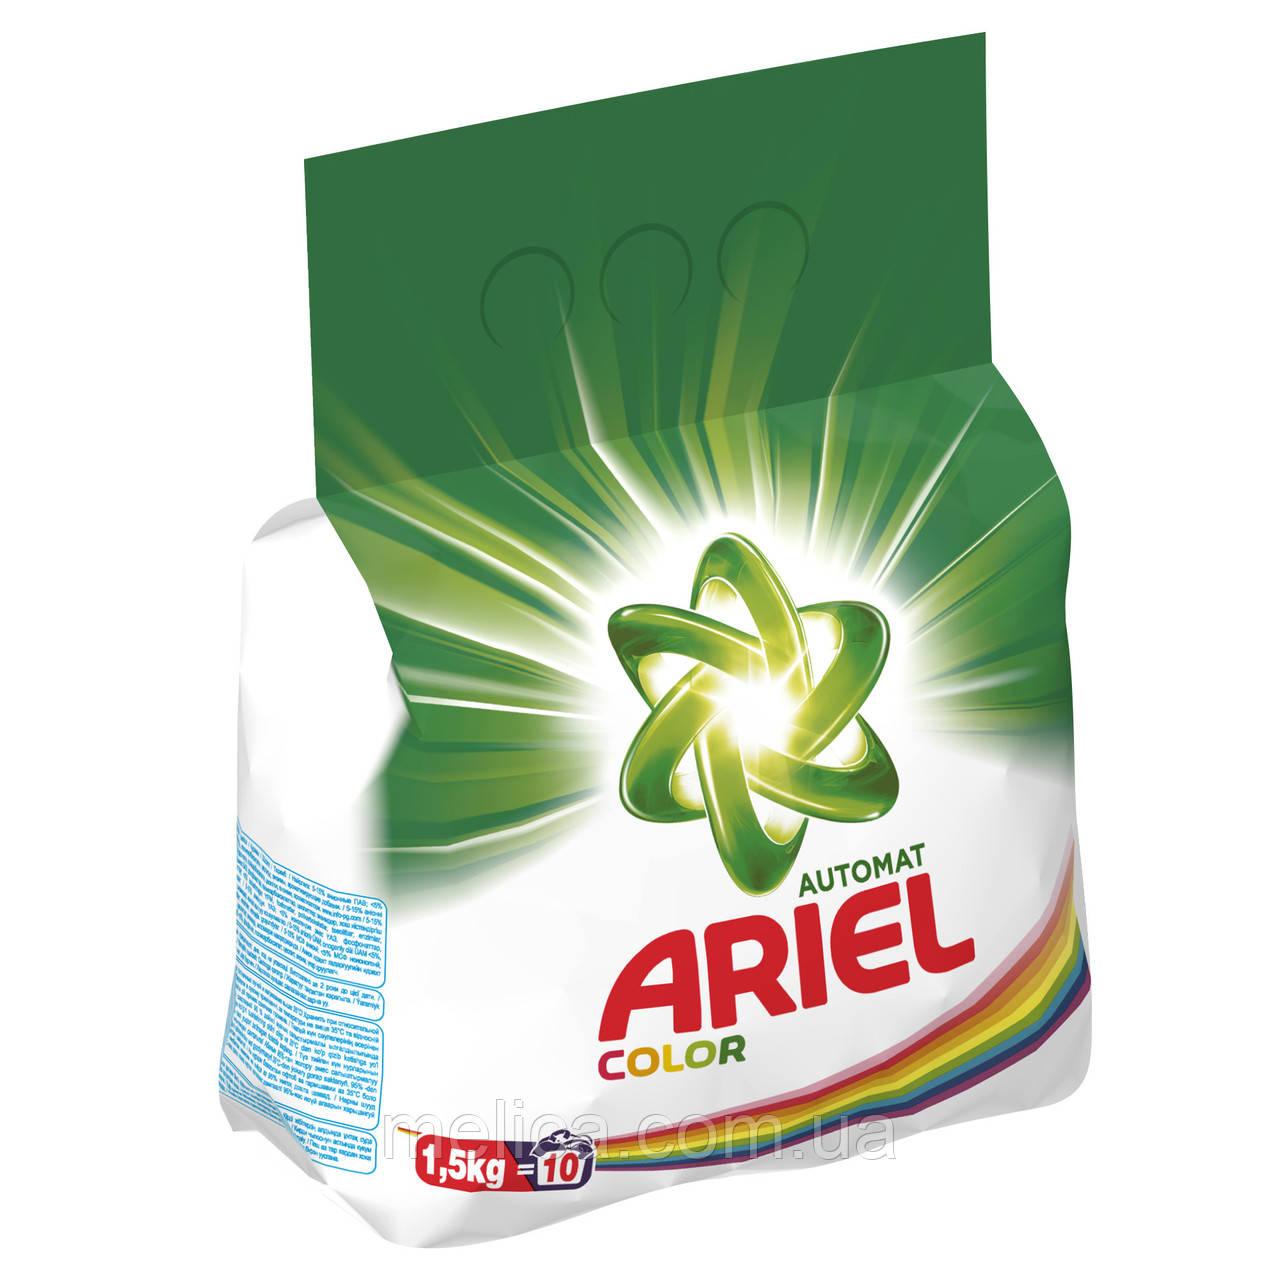 Стиральный порошок Ariel Чистота Deluxe Color 1,5 кг Автомат